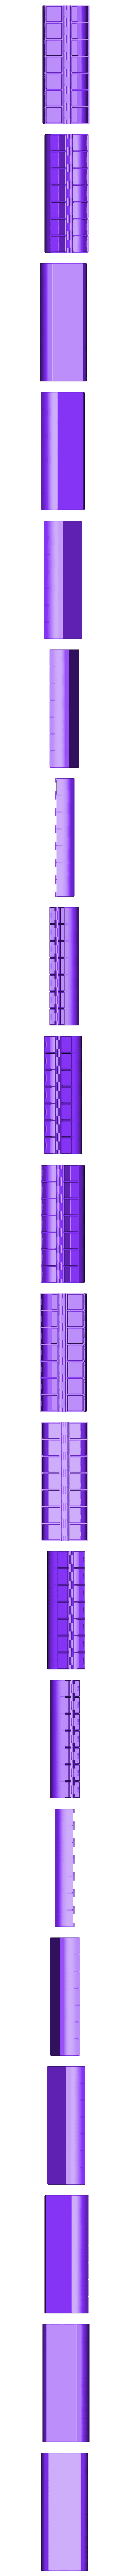 Long_Curved_bottom_Short.stl Télécharger fichier STL gratuit Pilulier 2 semaines • Objet pour imprimante 3D, Oggie